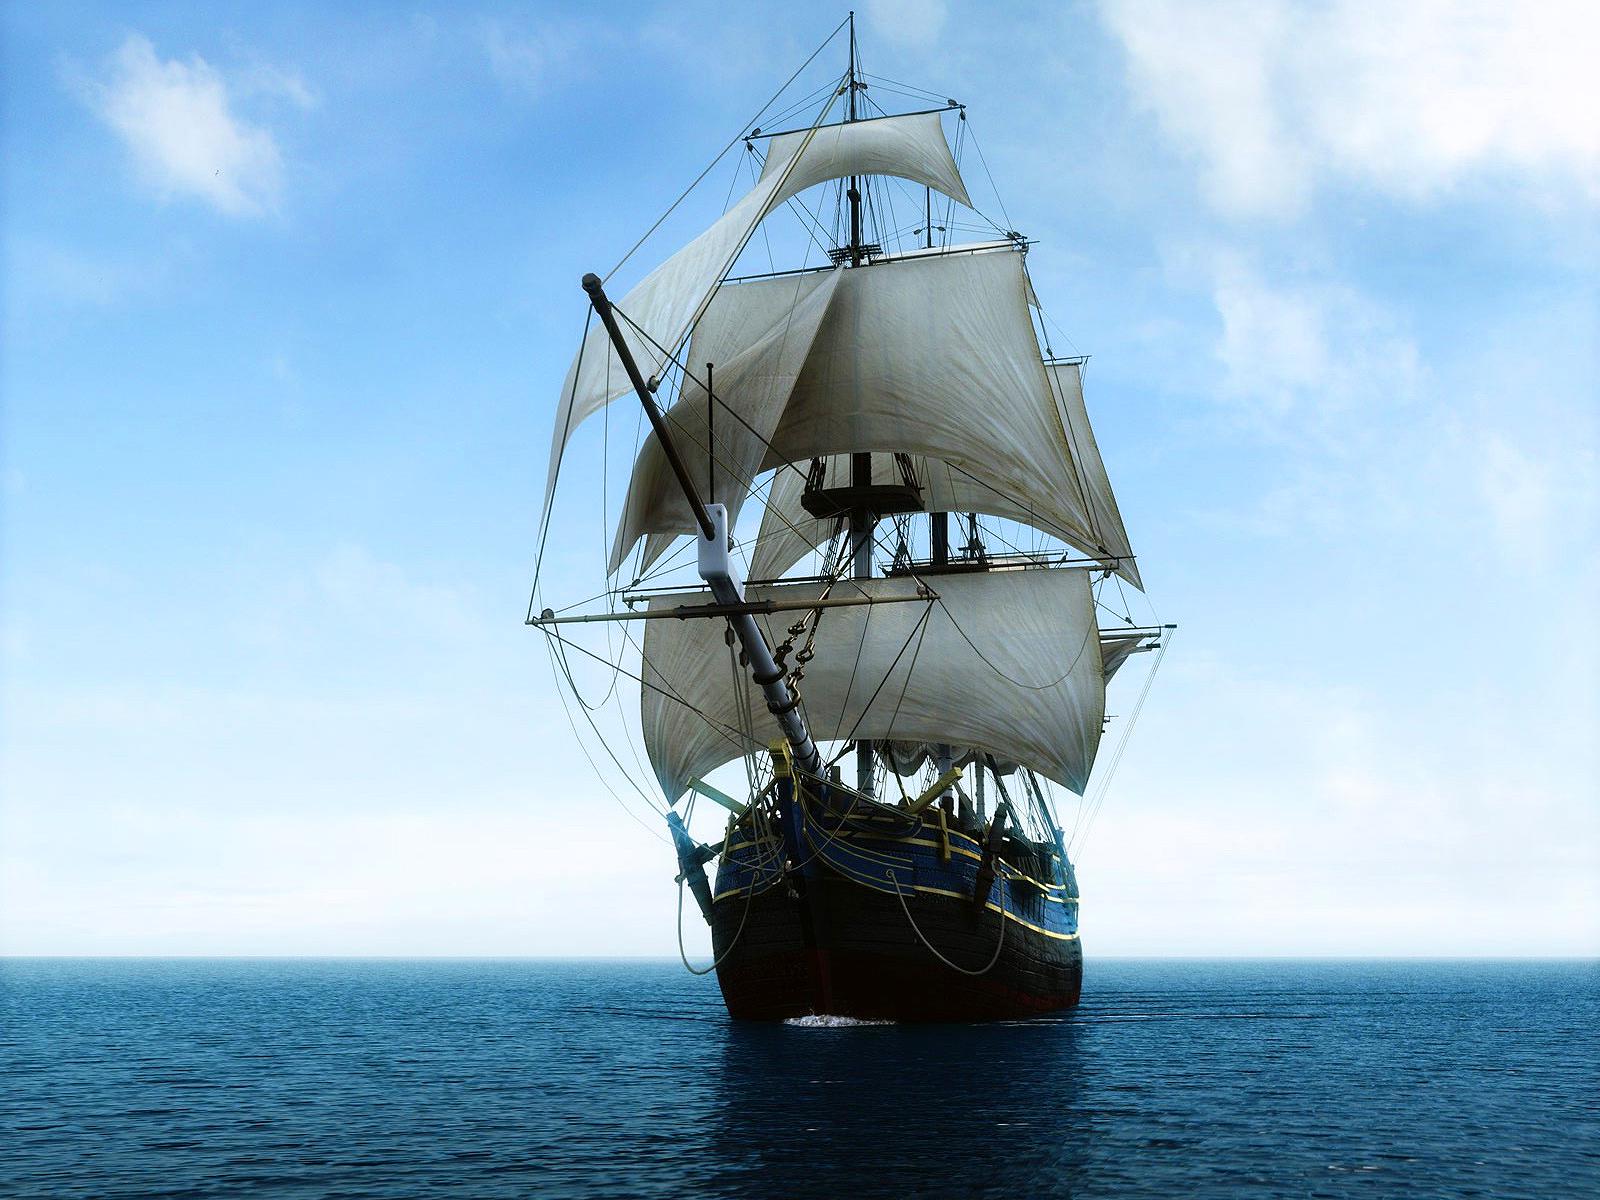 Парусный фрегат, корабль, фото, обои на рабочий стол